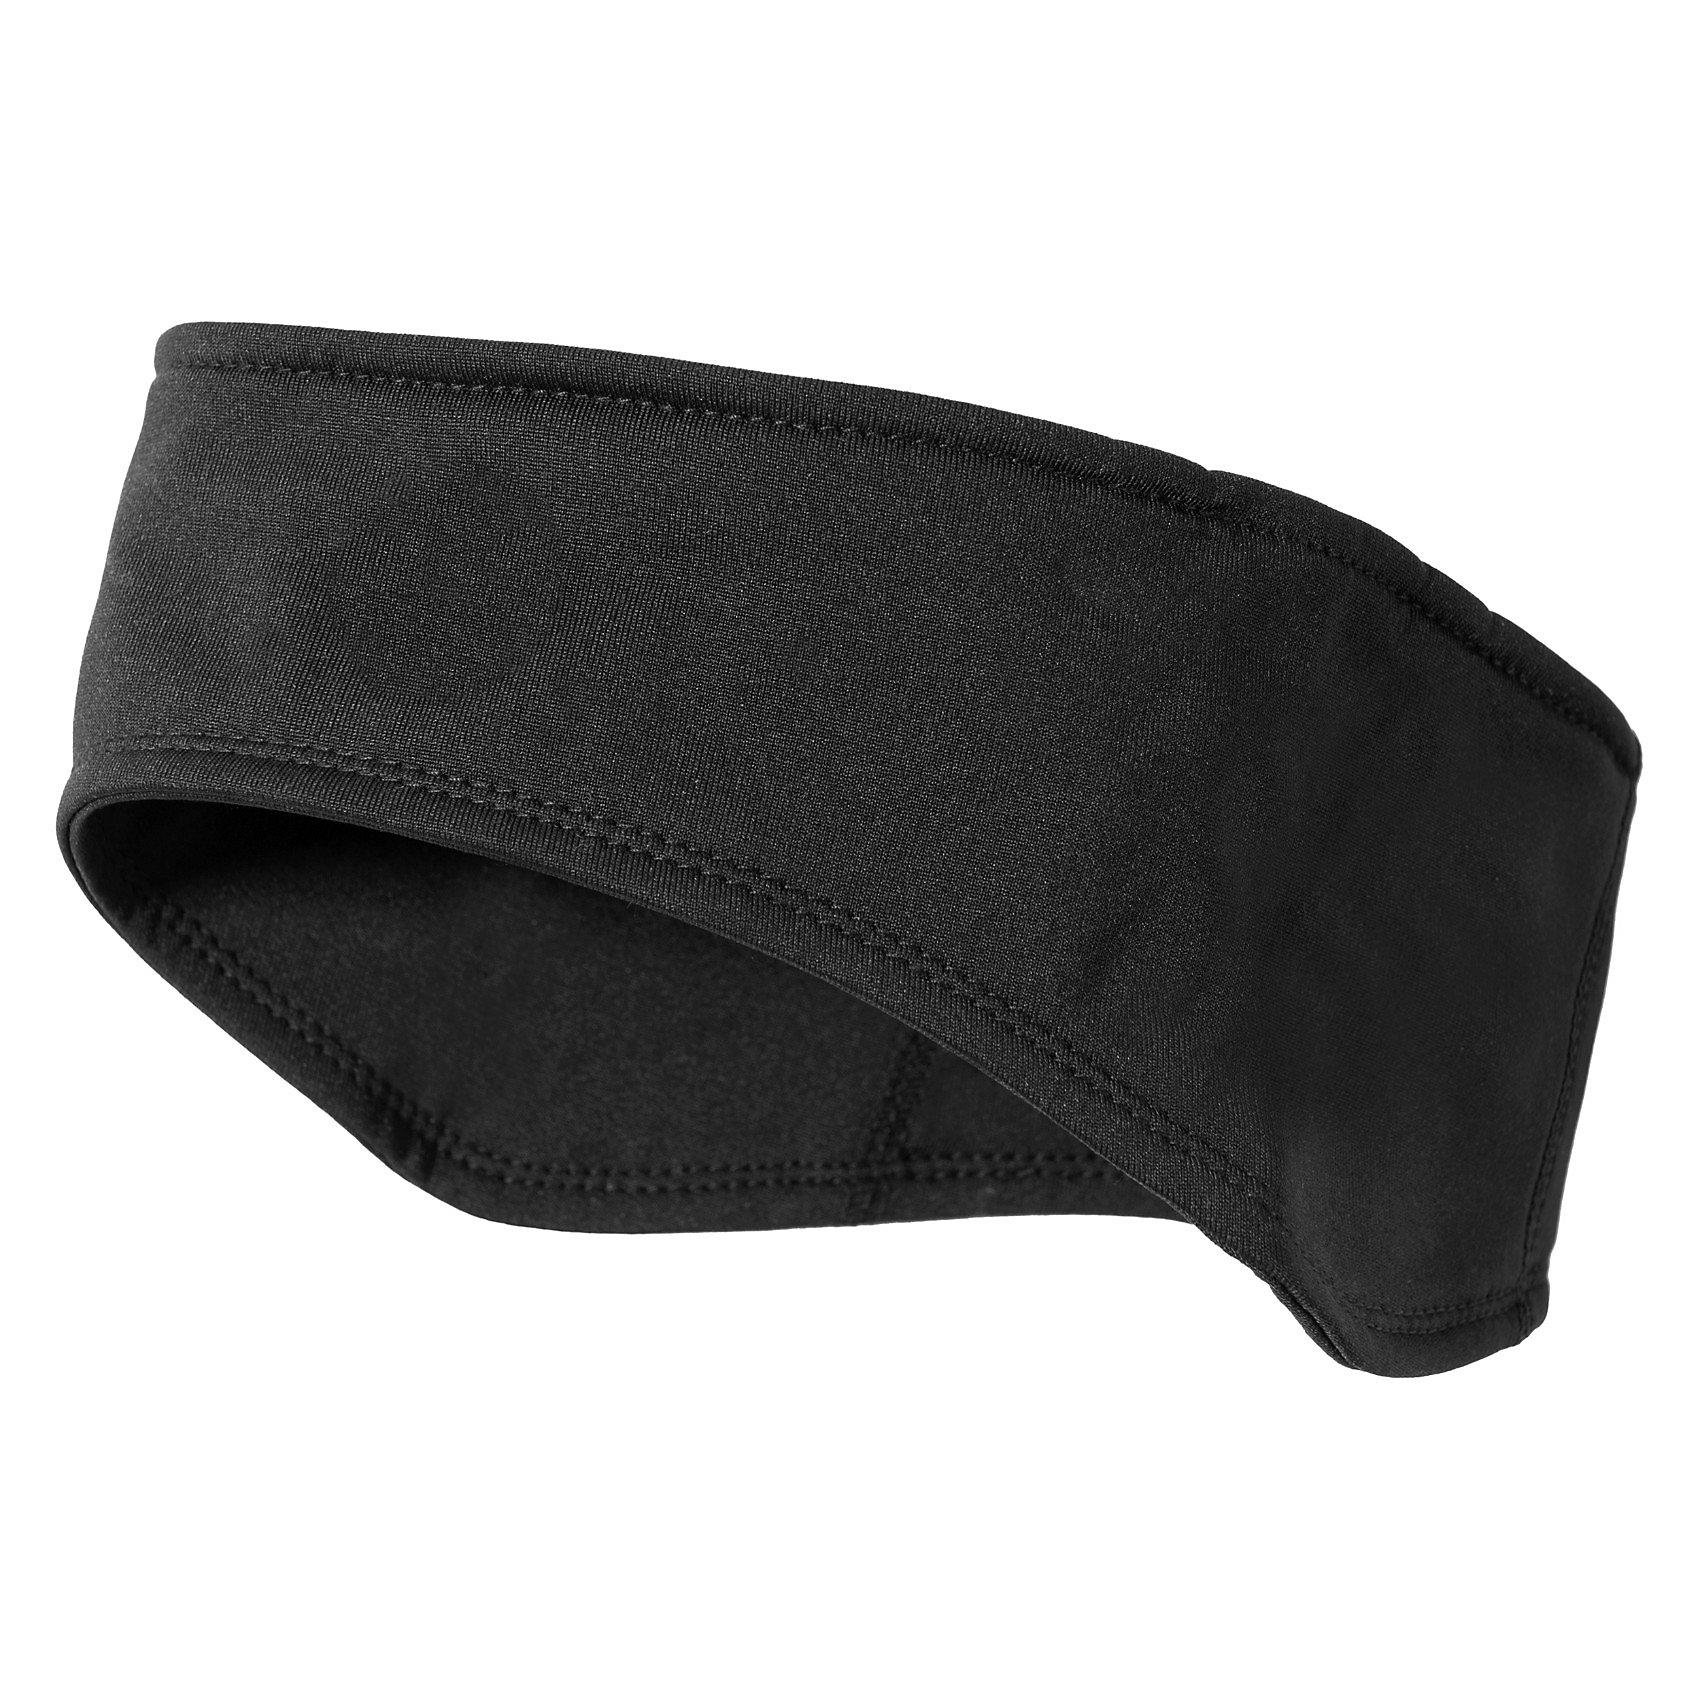 Повязка на голову KILLTECГоловные уборы<br>Удобная повязка на голову изготовлена из дышащего и быстросохнщего материала и имеет расширения в области ушей.<br><br>Дополнительная информация:<br><br>- обхват: около 50 см (повязка эластичная)<br>- материал: 100% полиэстер<br><br>--- Инструкция по уходу ---<br>- Машинная стирка при 30 ° С в деликатном режиме<br>- Не отбеливать<br>- Не гладить<br>- Не подвергать химической чистке<br>- Не сушить в стиральной машине<br><br>Повязку KILLTEC можно купить в нашем магазине.<br><br>Ширина мм: 30<br>Глубина мм: 90<br>Высота мм: 180<br>Вес г: 100<br>Цвет: черный<br>Возраст от месяцев: 72<br>Возраст до месяцев: 1188<br>Пол: Мужской<br>Возраст: Детский<br>SKU: 2478462